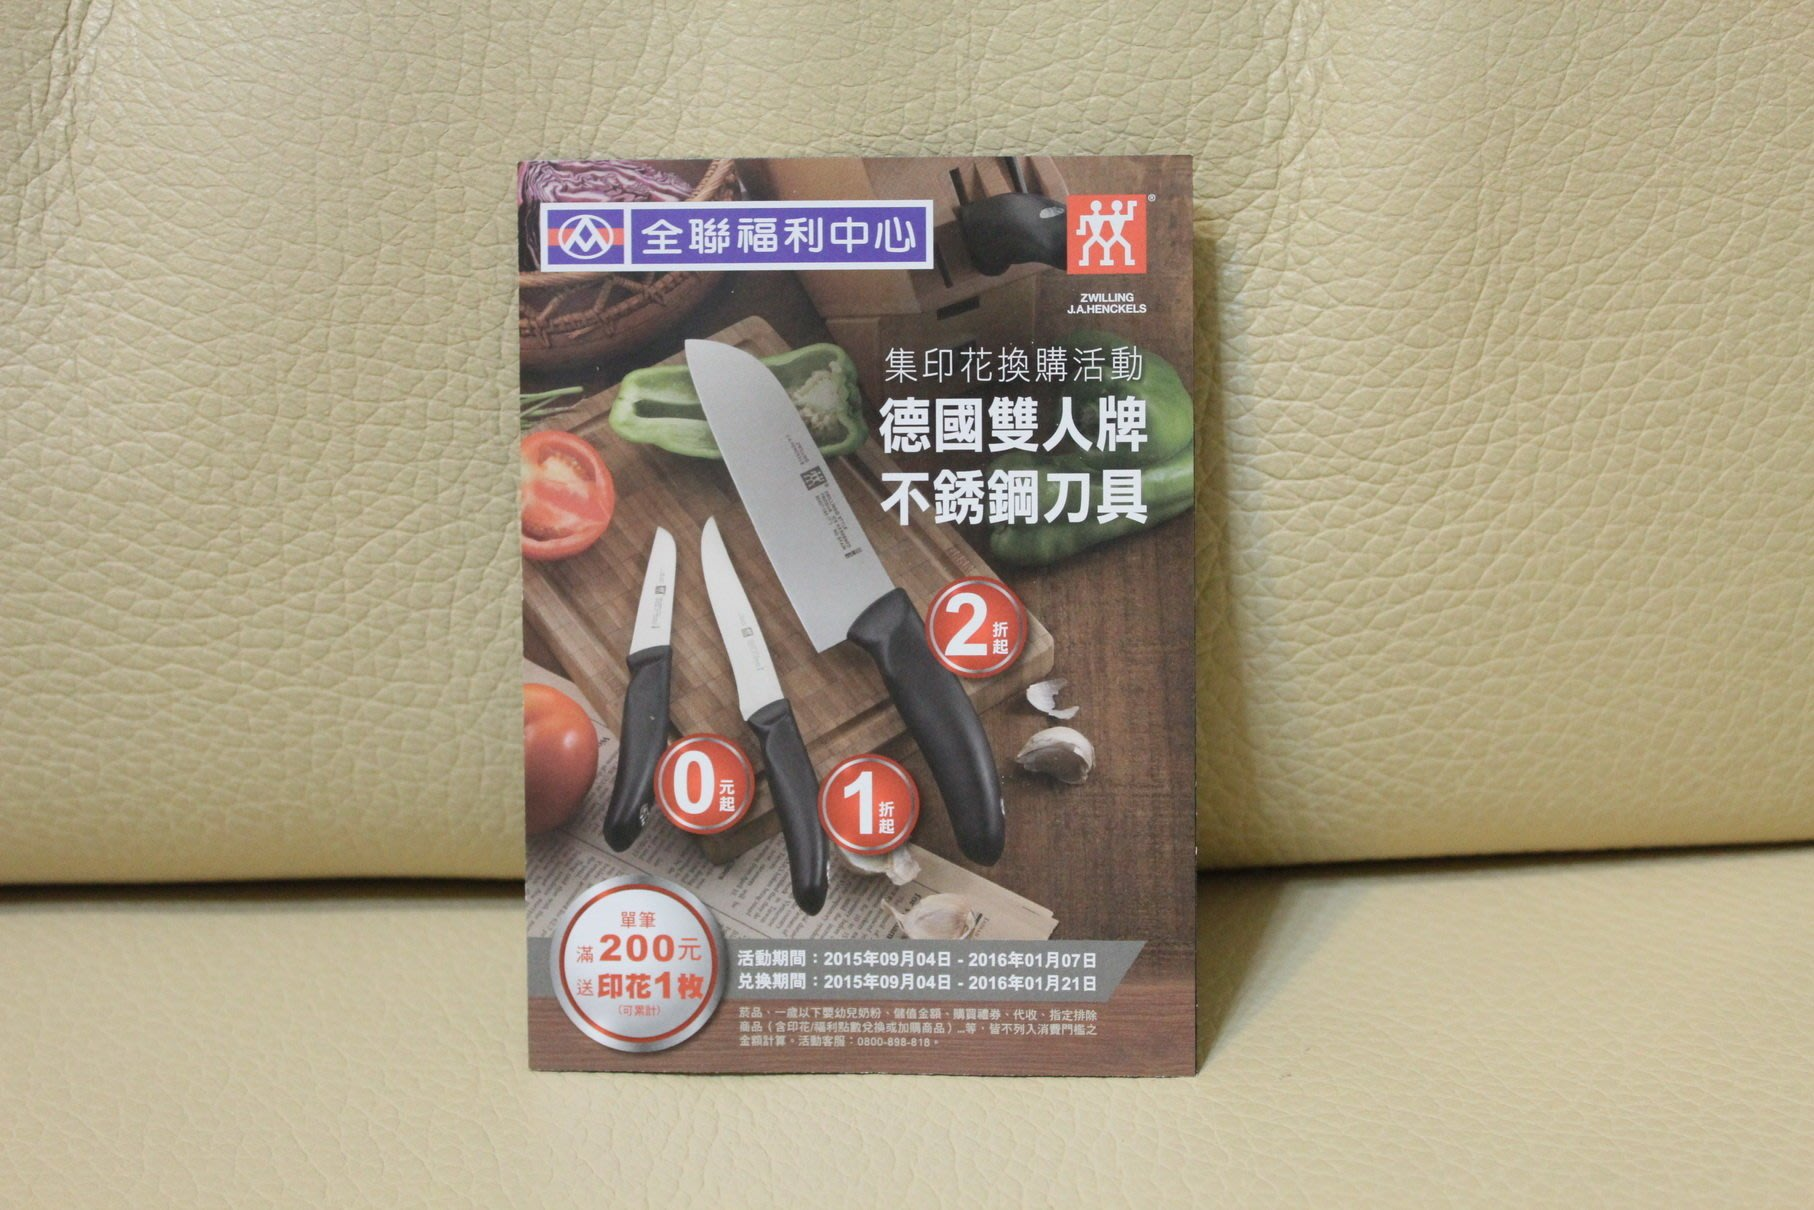 全聯福利中心 德國雙人牌不鏽鋼刀具 印花 集點卡 收藏 收集 紀念 集點券 空白